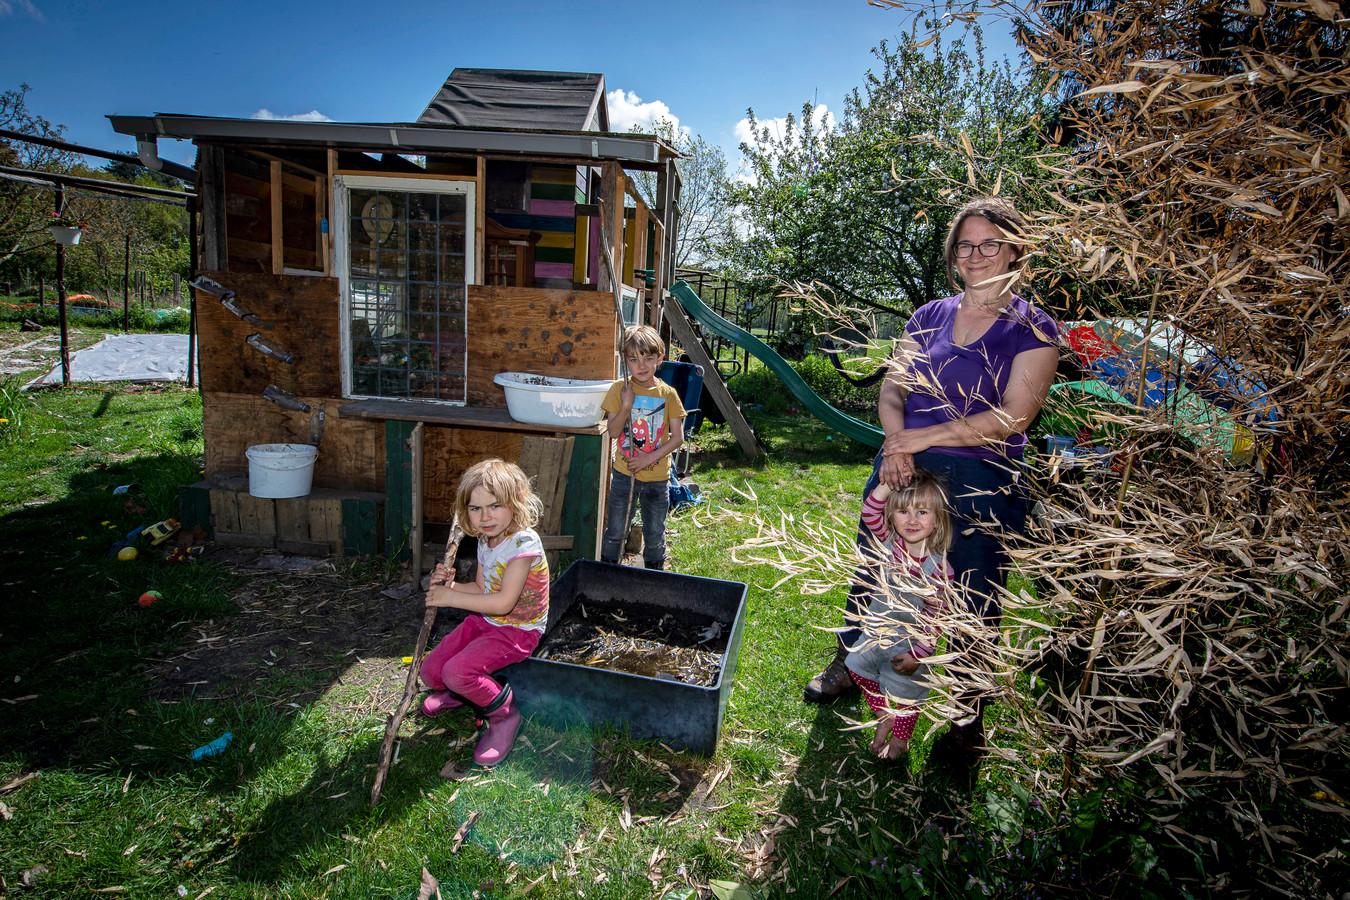 Moeder Lieke Snellen is vaak met haar kinderen Julan (6) Lena (4) en Zoë (2) te vinden in haar moestuin bij de Tuinen van Metabiose. Ze verbouwt er van alles volgens de permacultuurmethode.